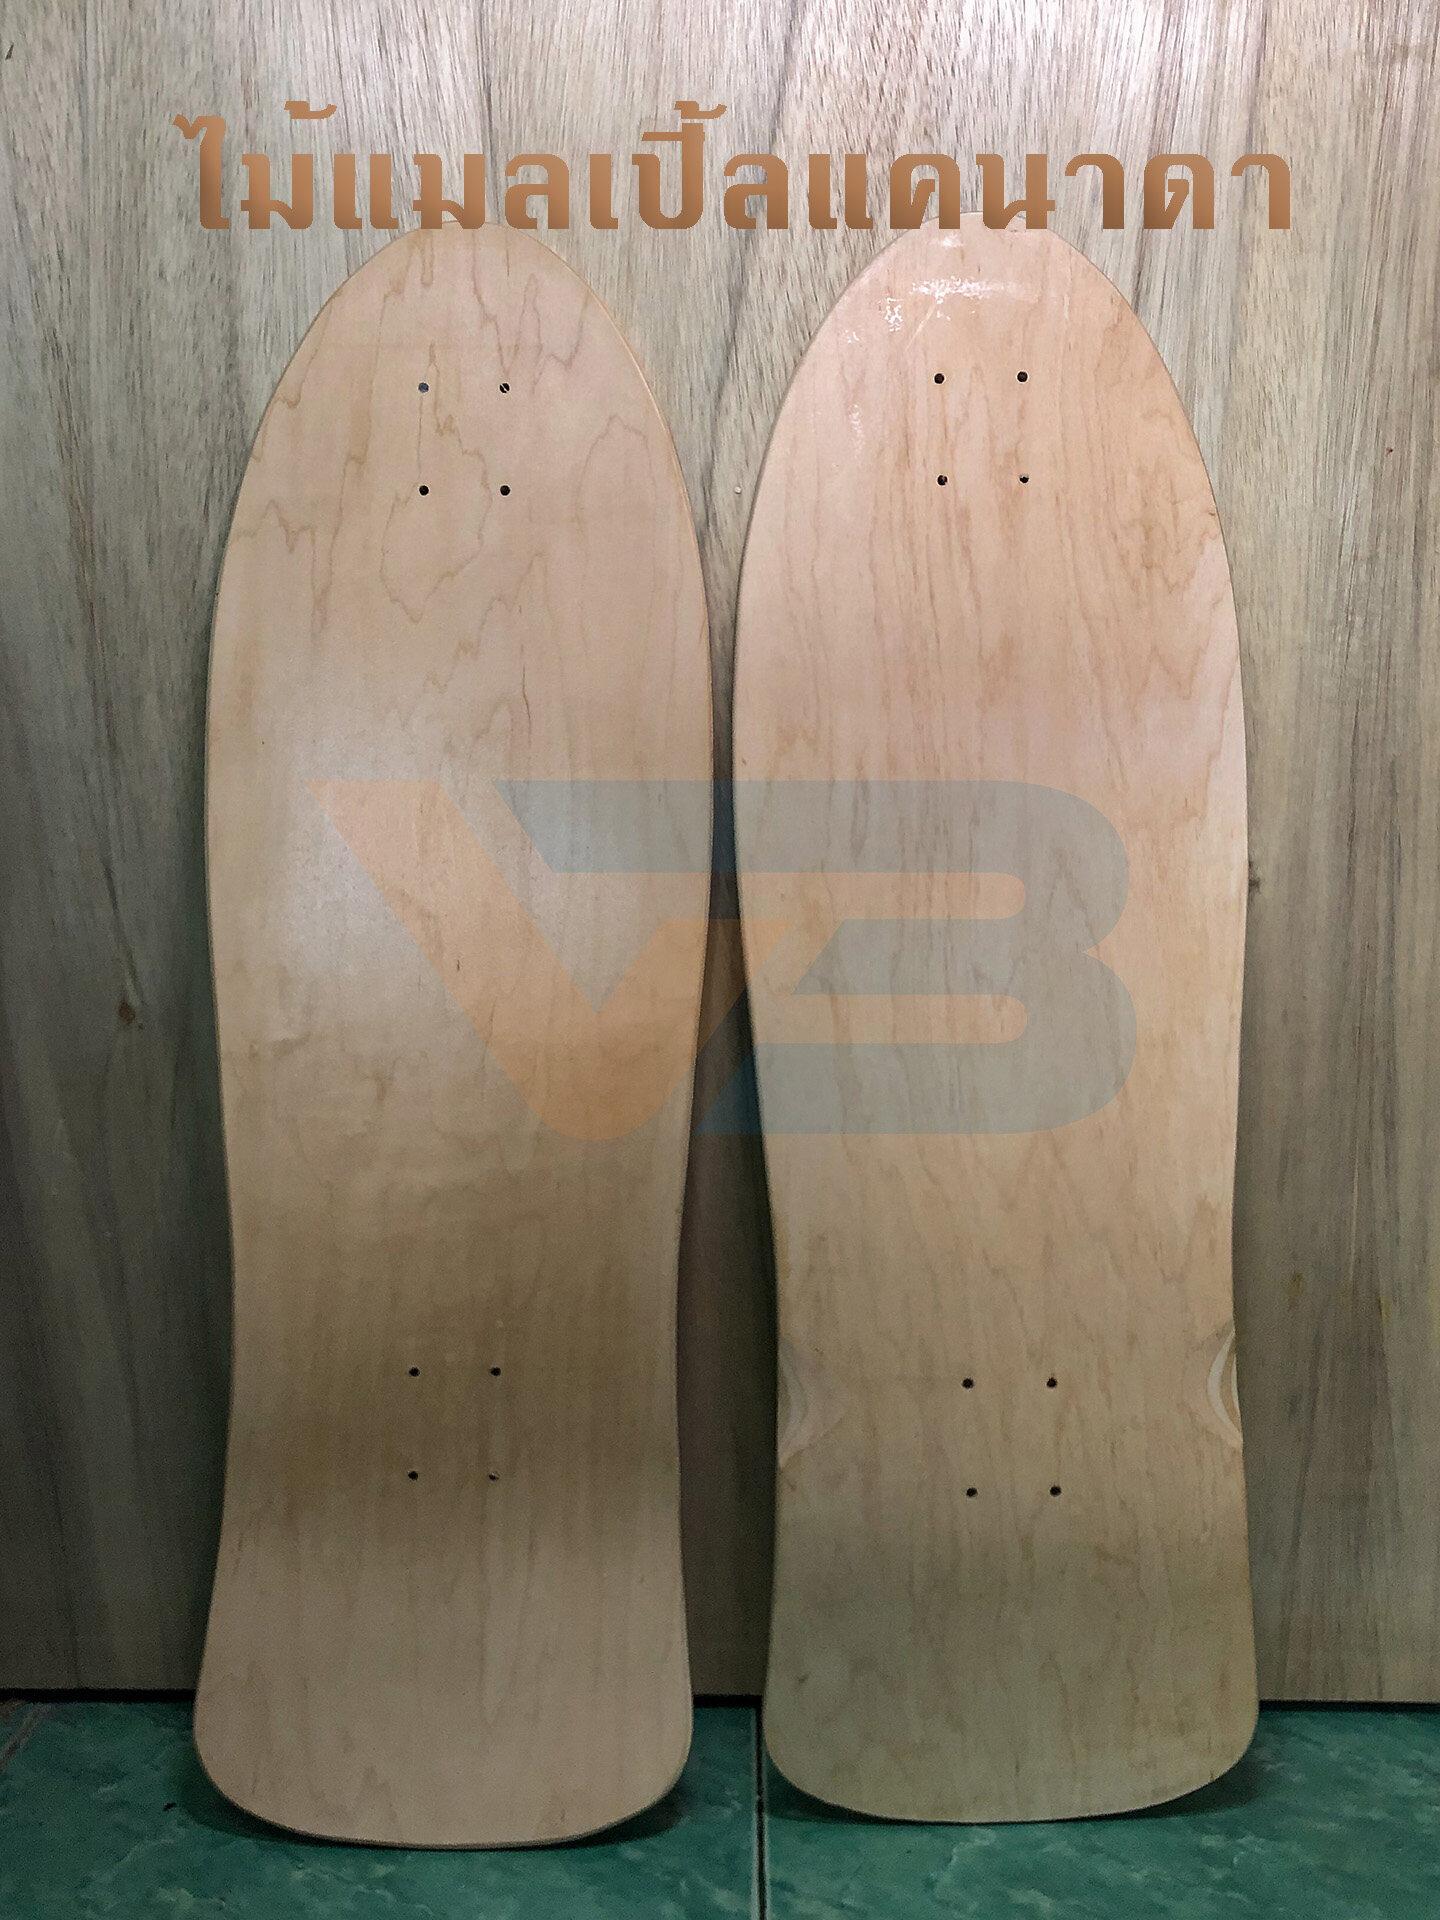 ?มีสินค้าพร้อมส่งจากไทย❤️ แผ่นเปล่า surf skate Deck สเก็ตบอร์ดขนาด 32.5นิ้ว 32นิ้ว 30นิ้ว 29นิ้ว ไม้เมเปิ้ลคุณภาพ 7 ชั้น แผ่น ไม้เมเปิ้ล